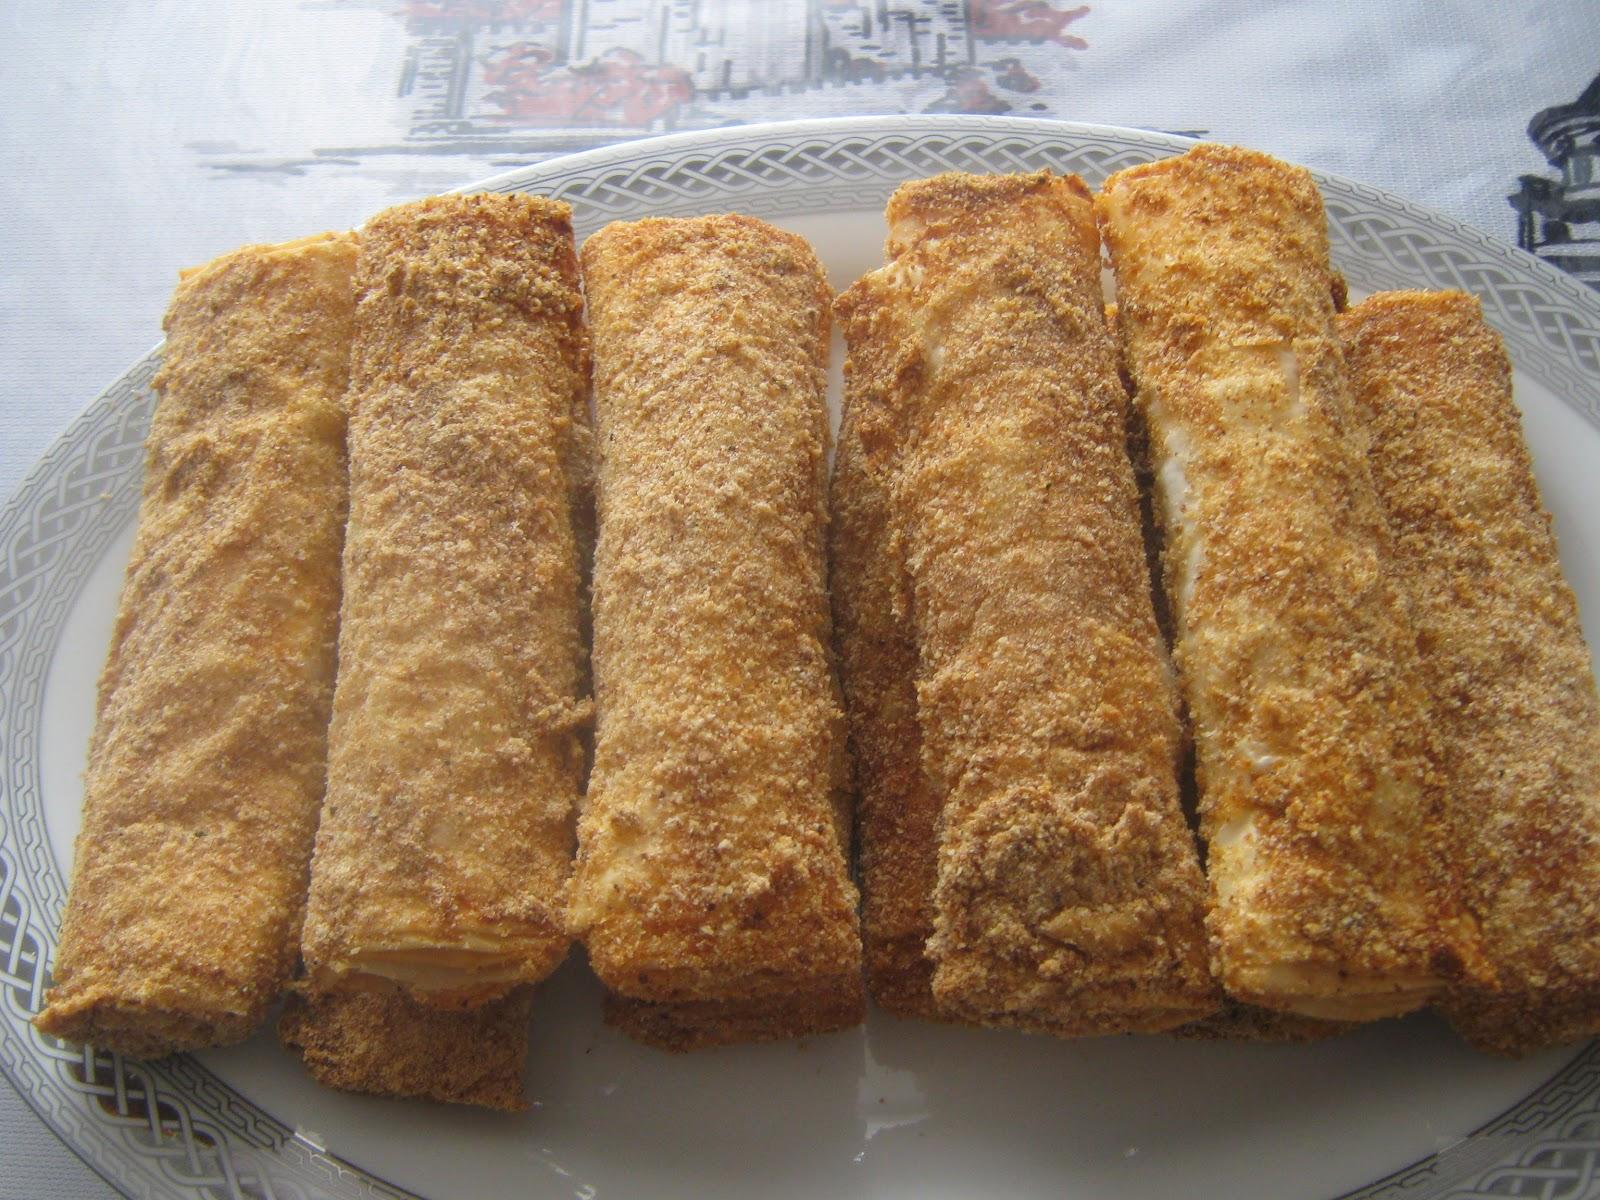 patatesli börek,börek,baklava yufkasından börek,galeta unlu börek,çıtır börek